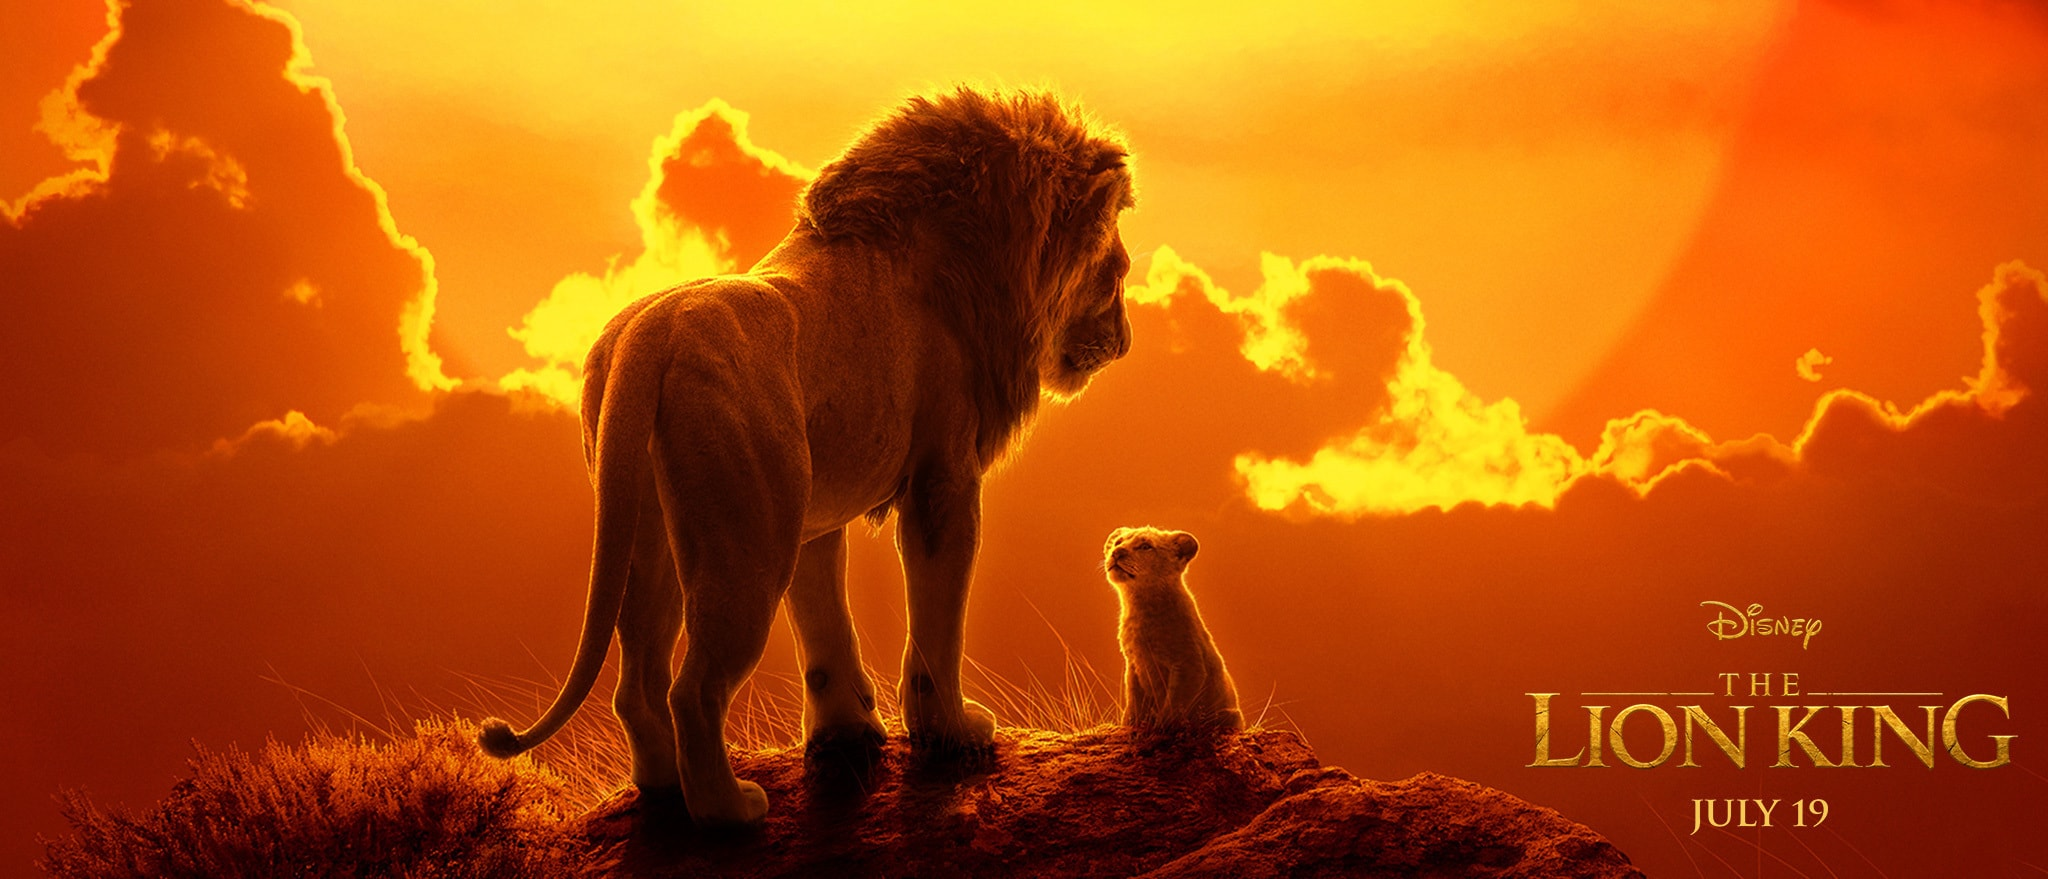 Review The Lion King 2019 Dir Jon Favreau Boston Hassle